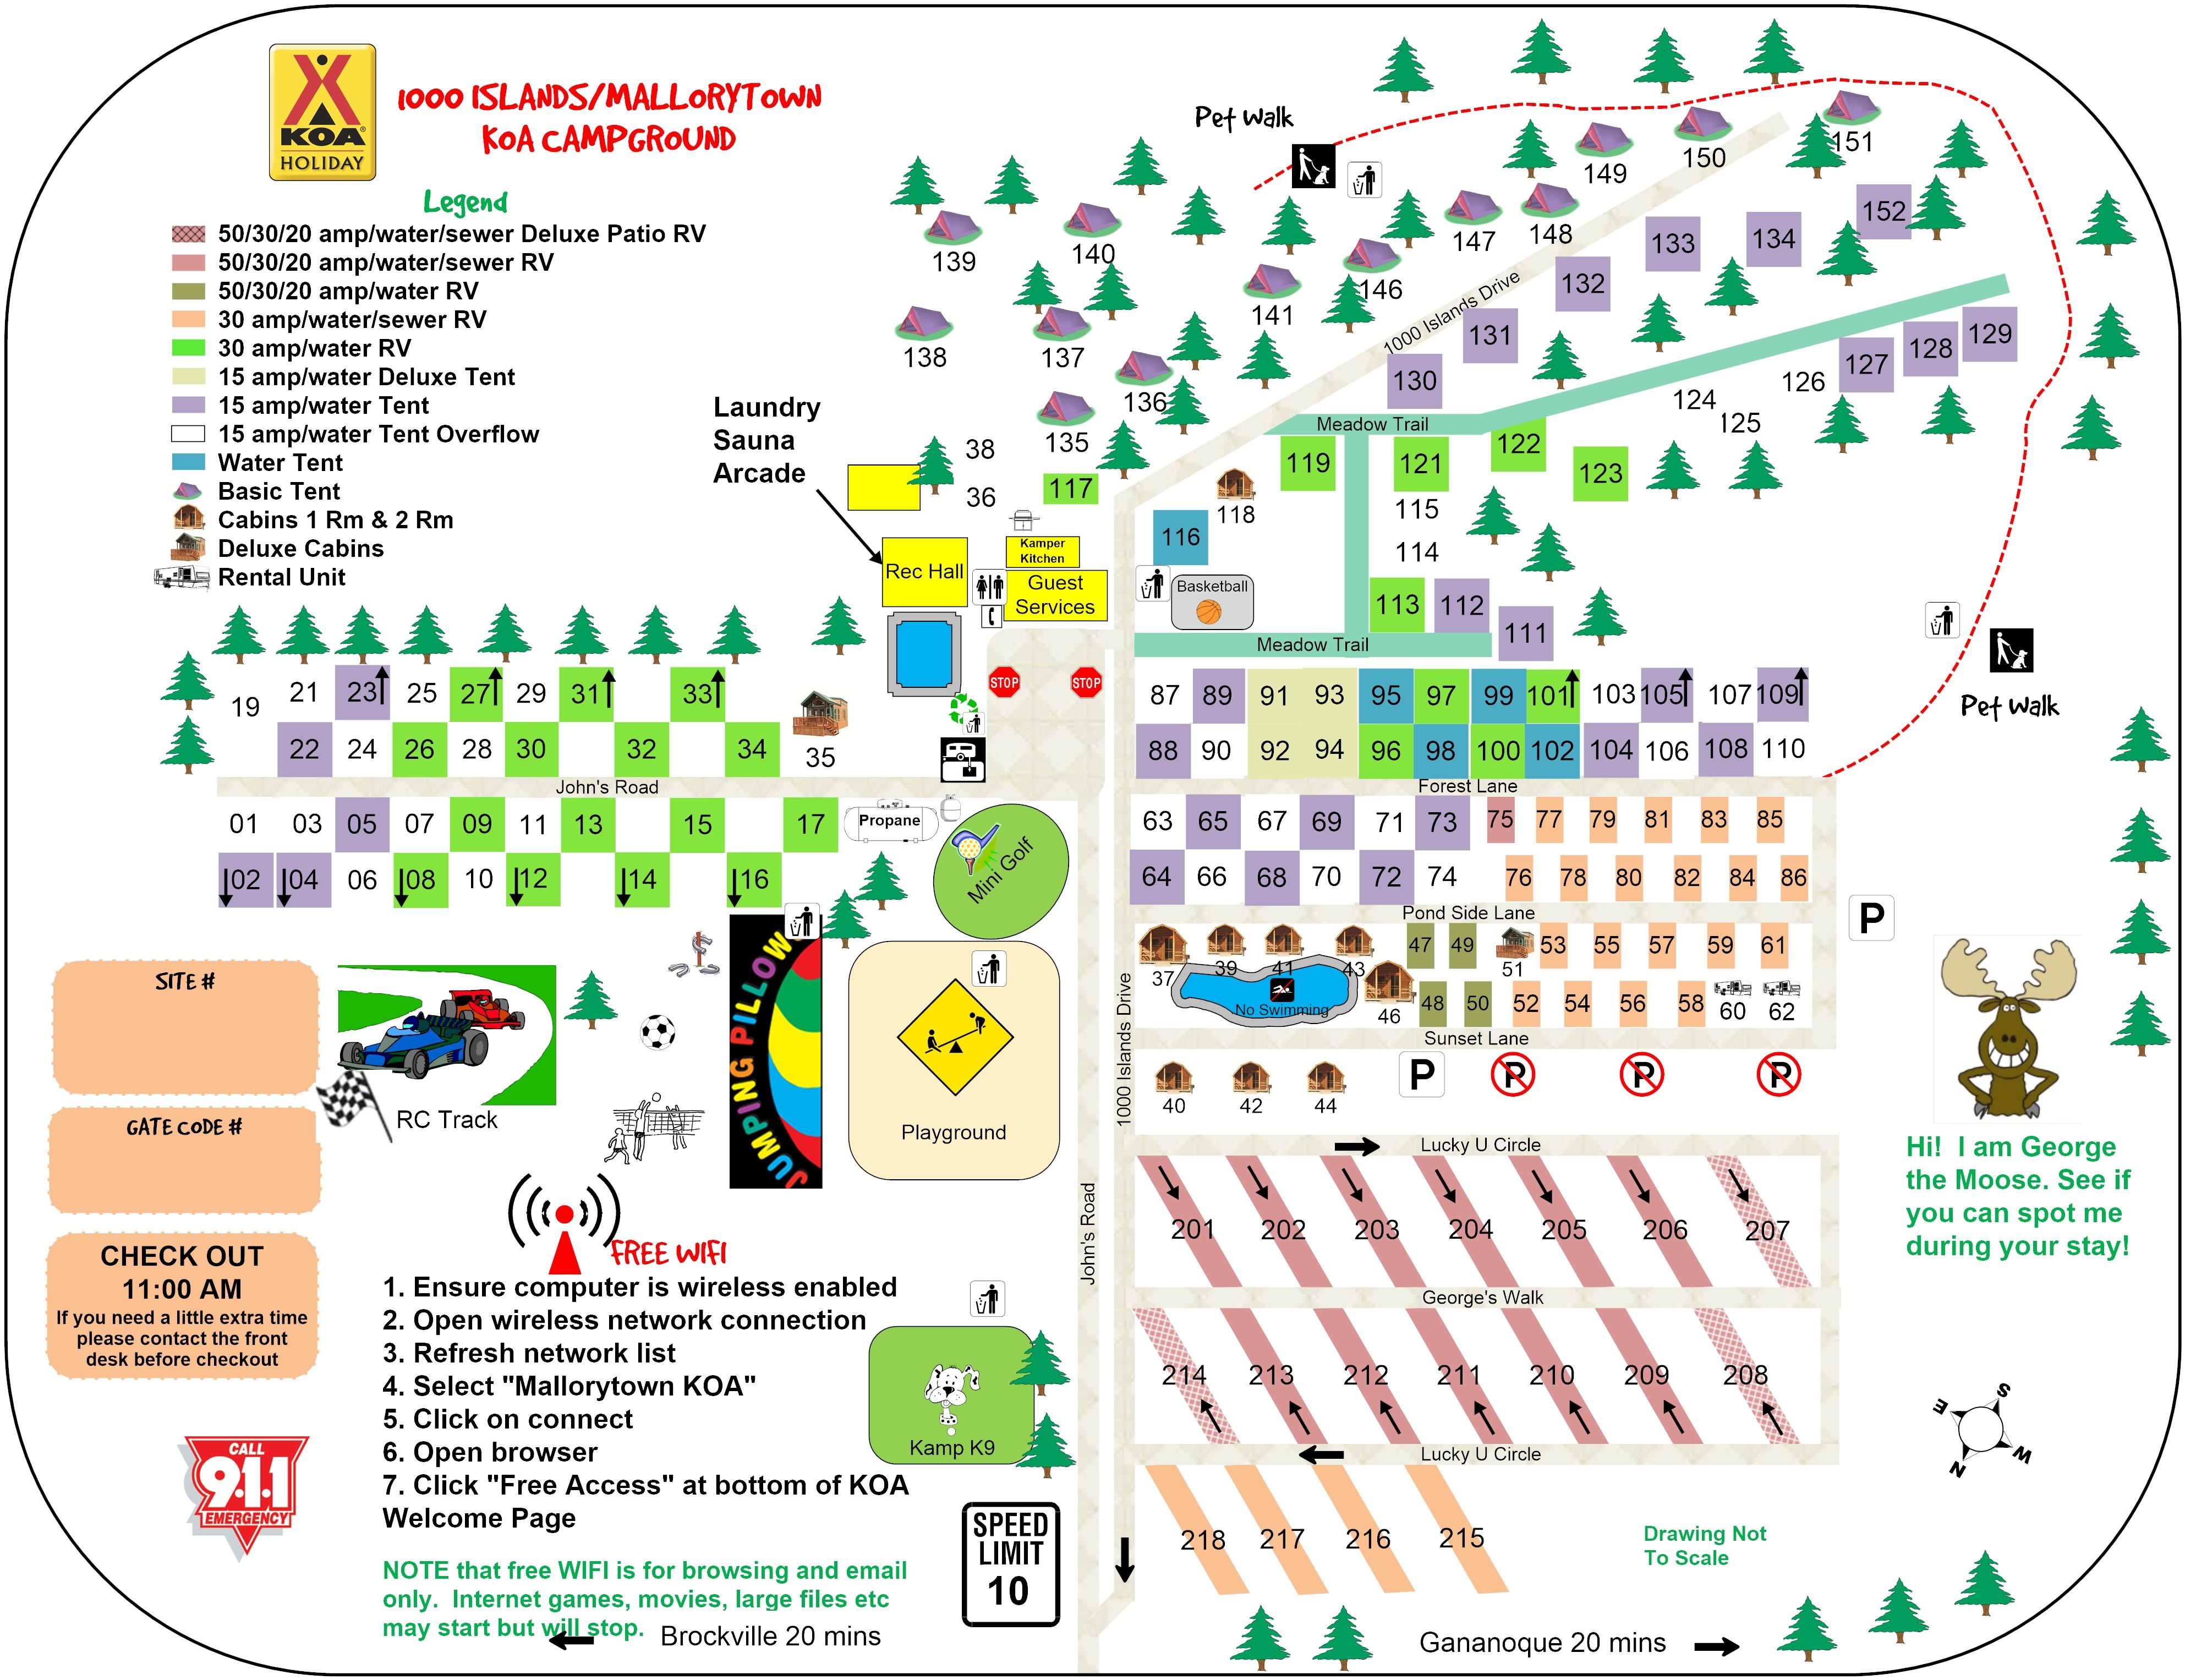 Mallorytown, Ontario Campground | 1000 Islands / Mallorytown KOA on